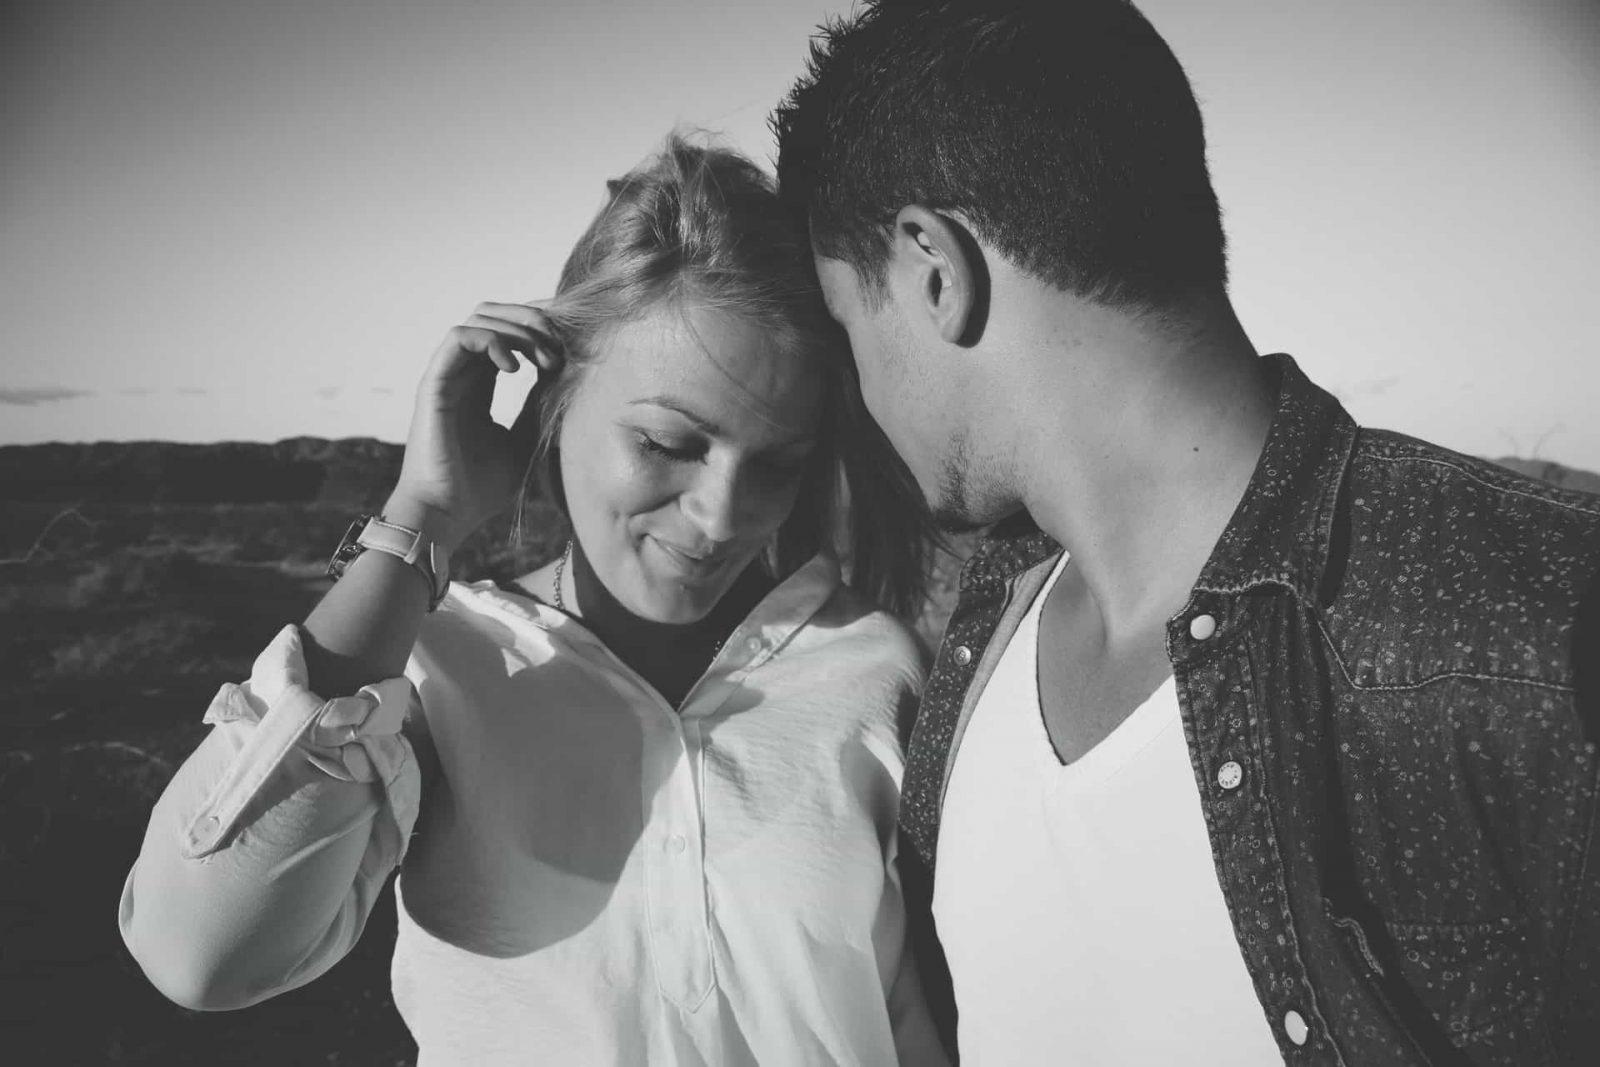 Ein Mann flüstert einer lächelnden Frau, die mit ihr flirtet, ein Kompliment zu